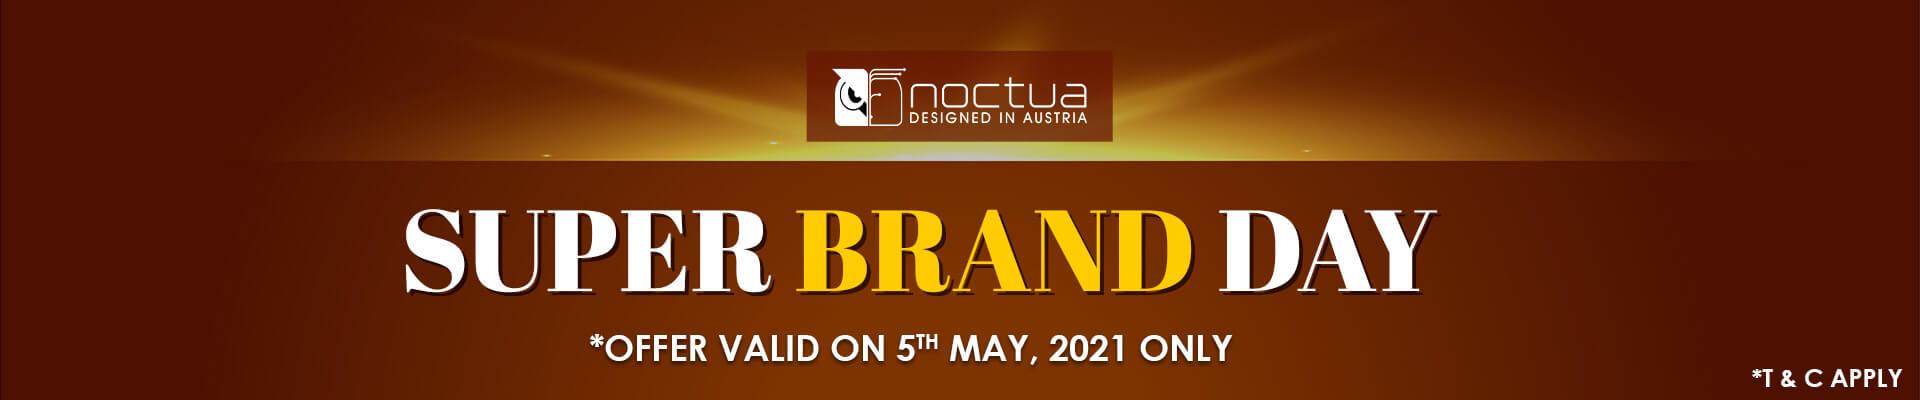 Noctua Brand Day